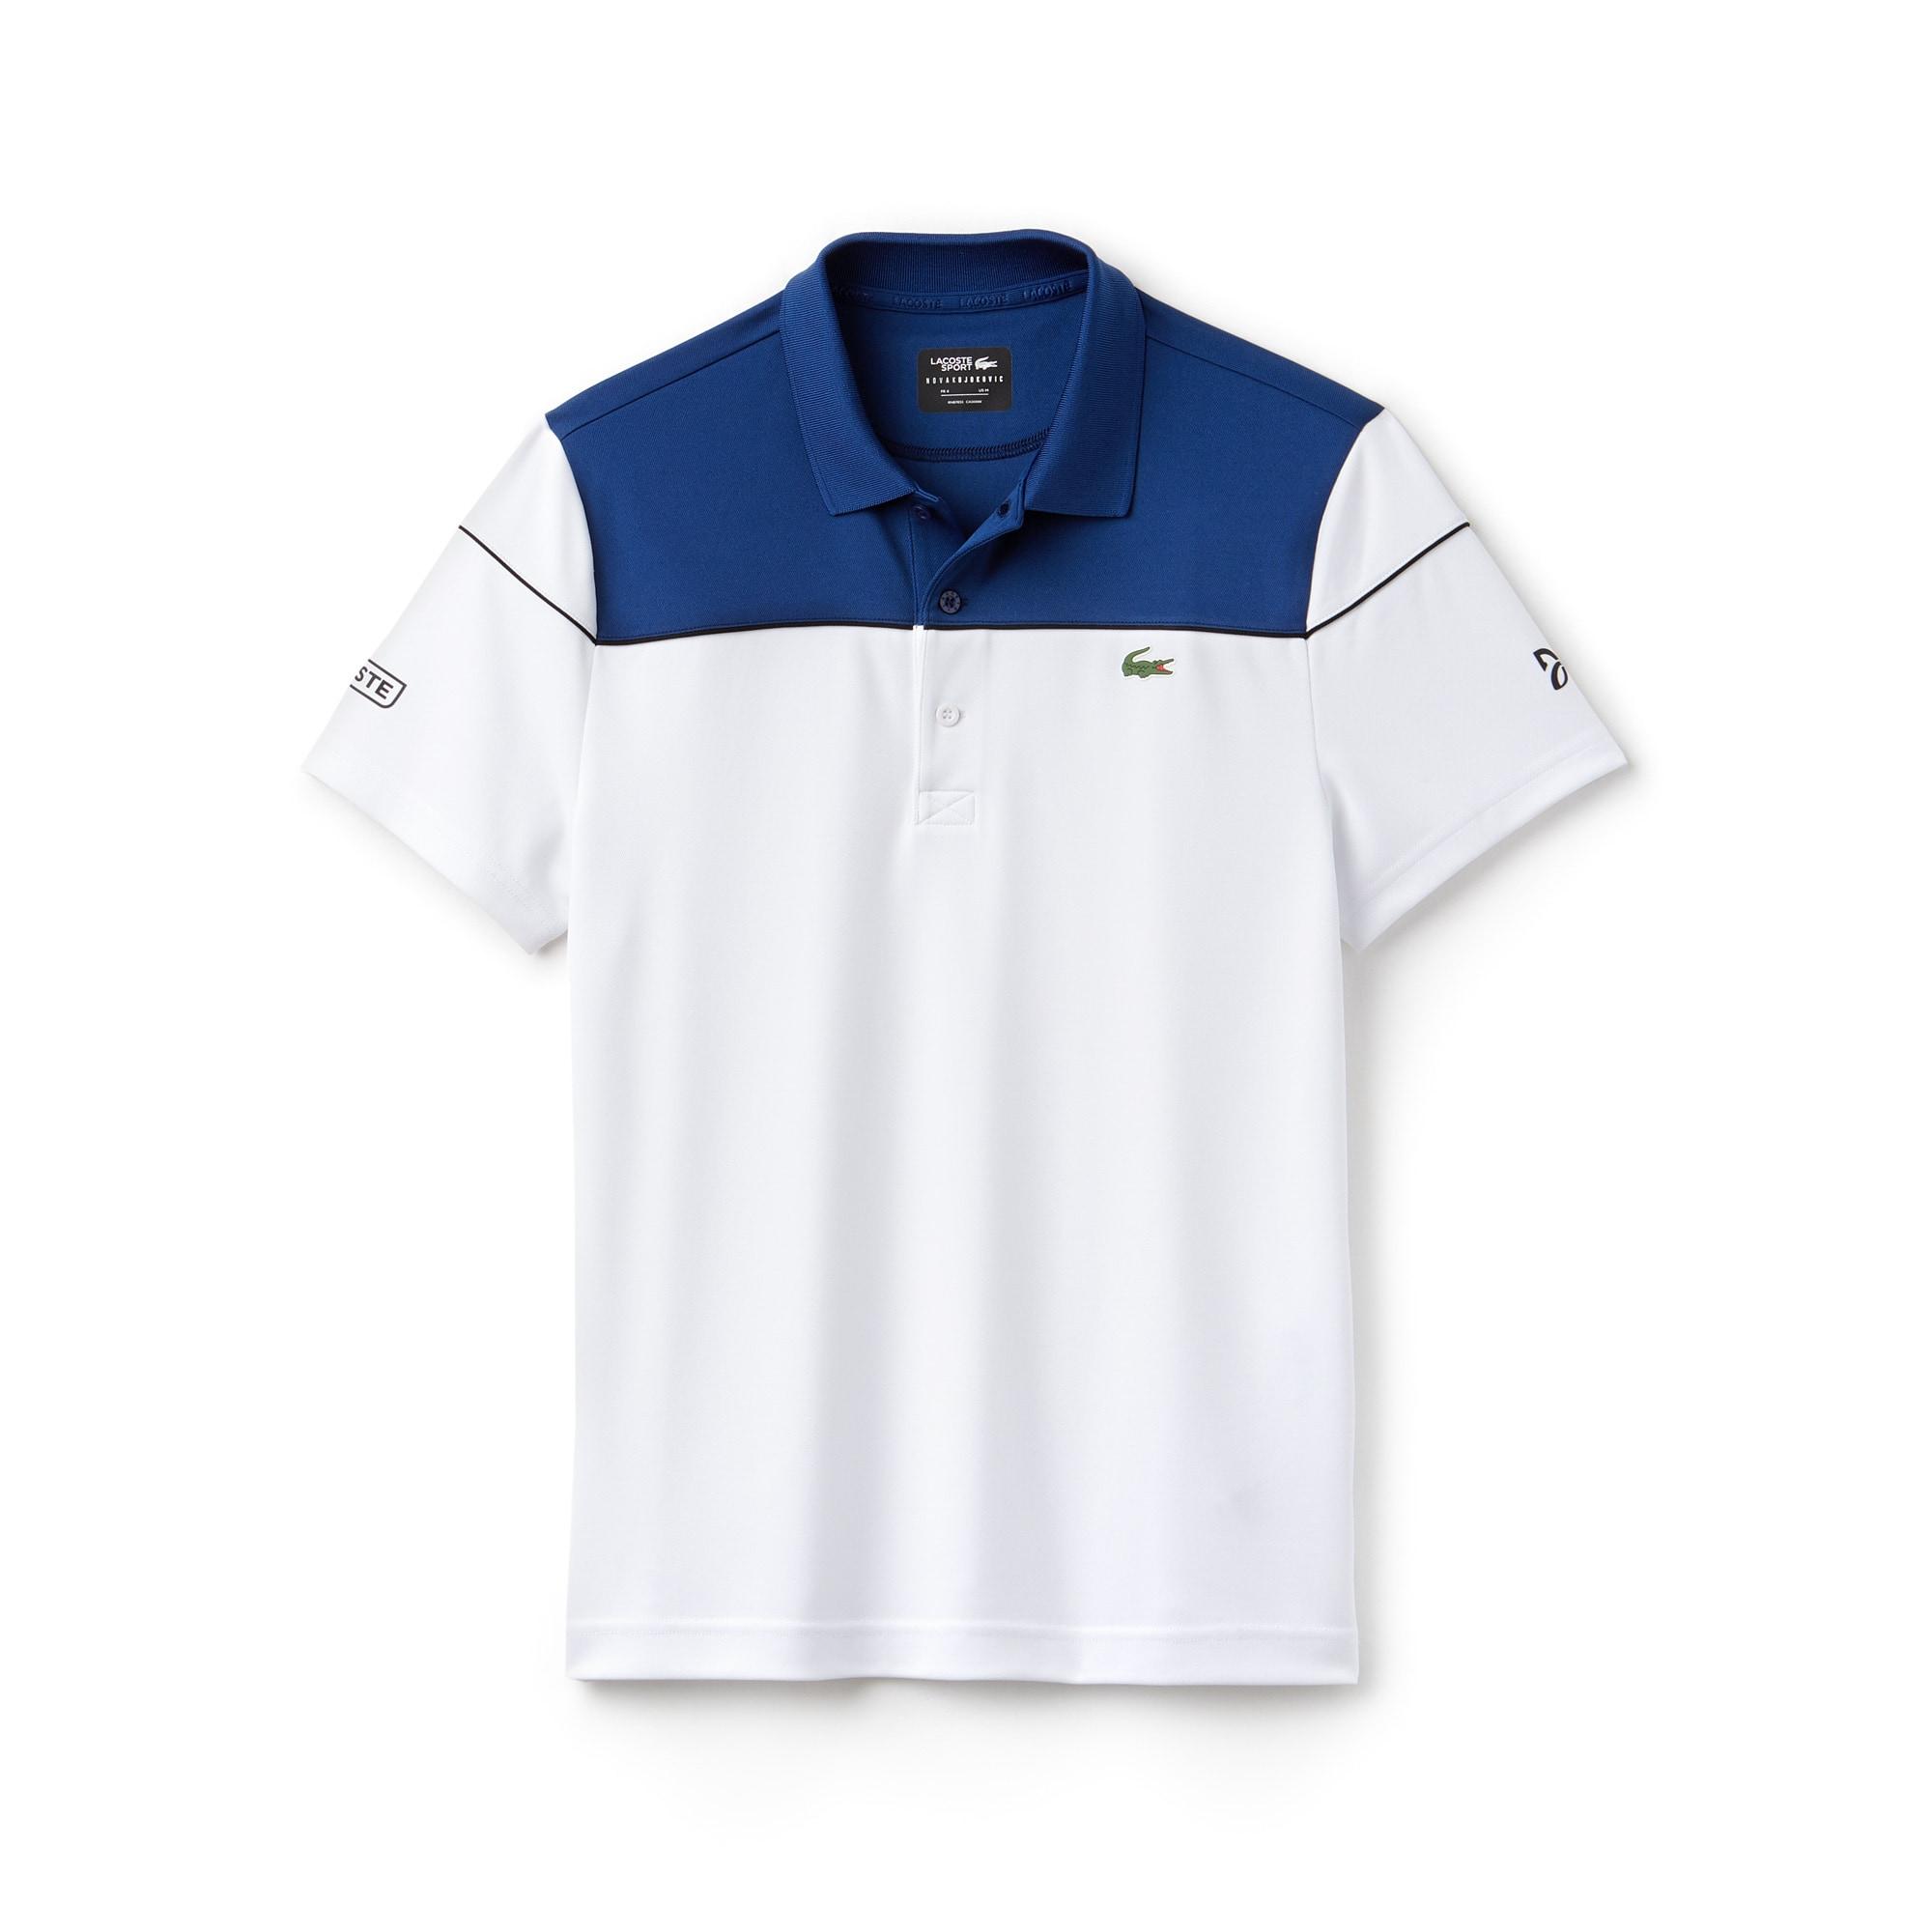 Men's SPORT Tech Piqué Polo - Novak Djokovic Collection